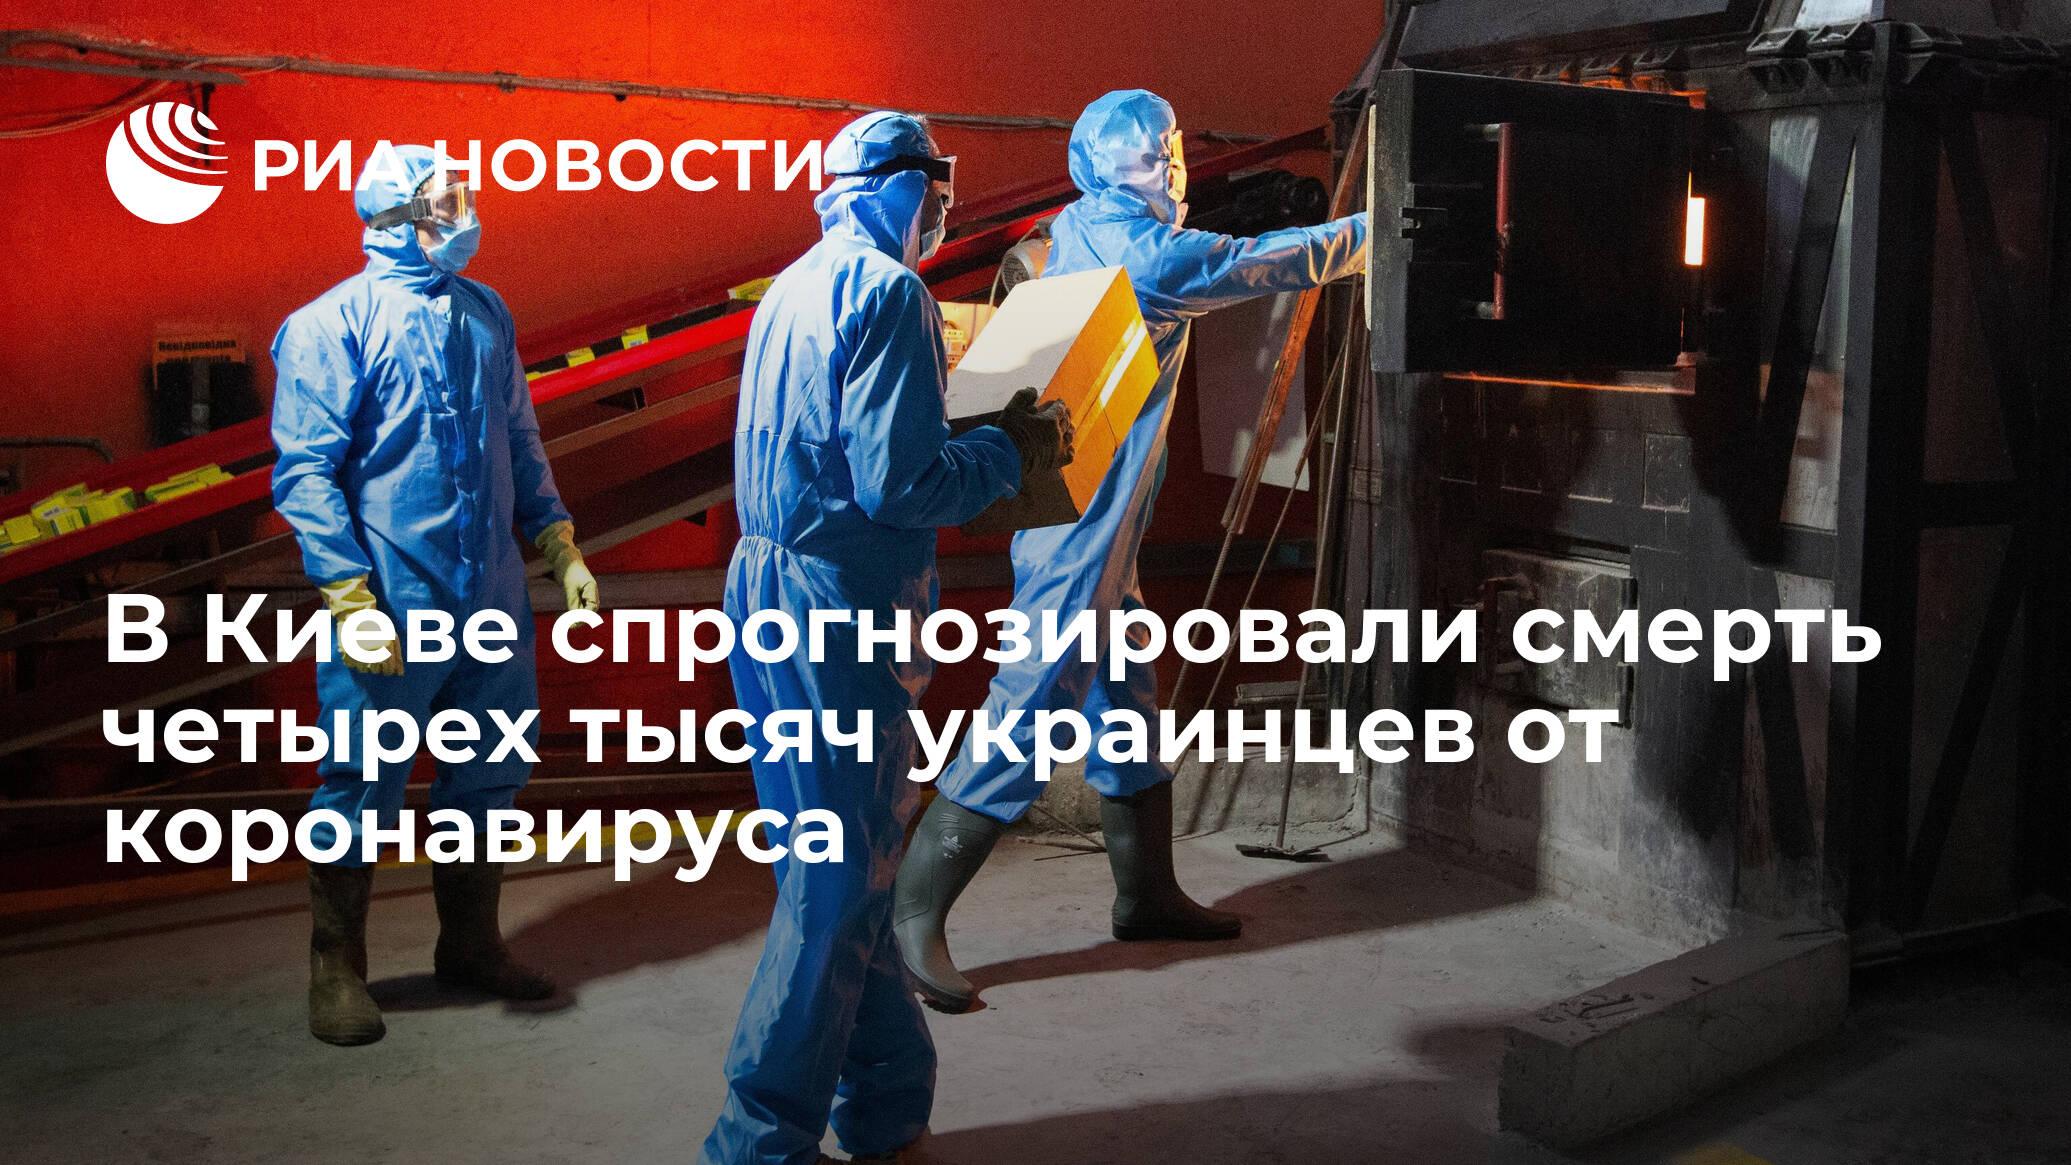 В Киеве спрогнозировали смерть четырех тысяч украинцев от коронавируса